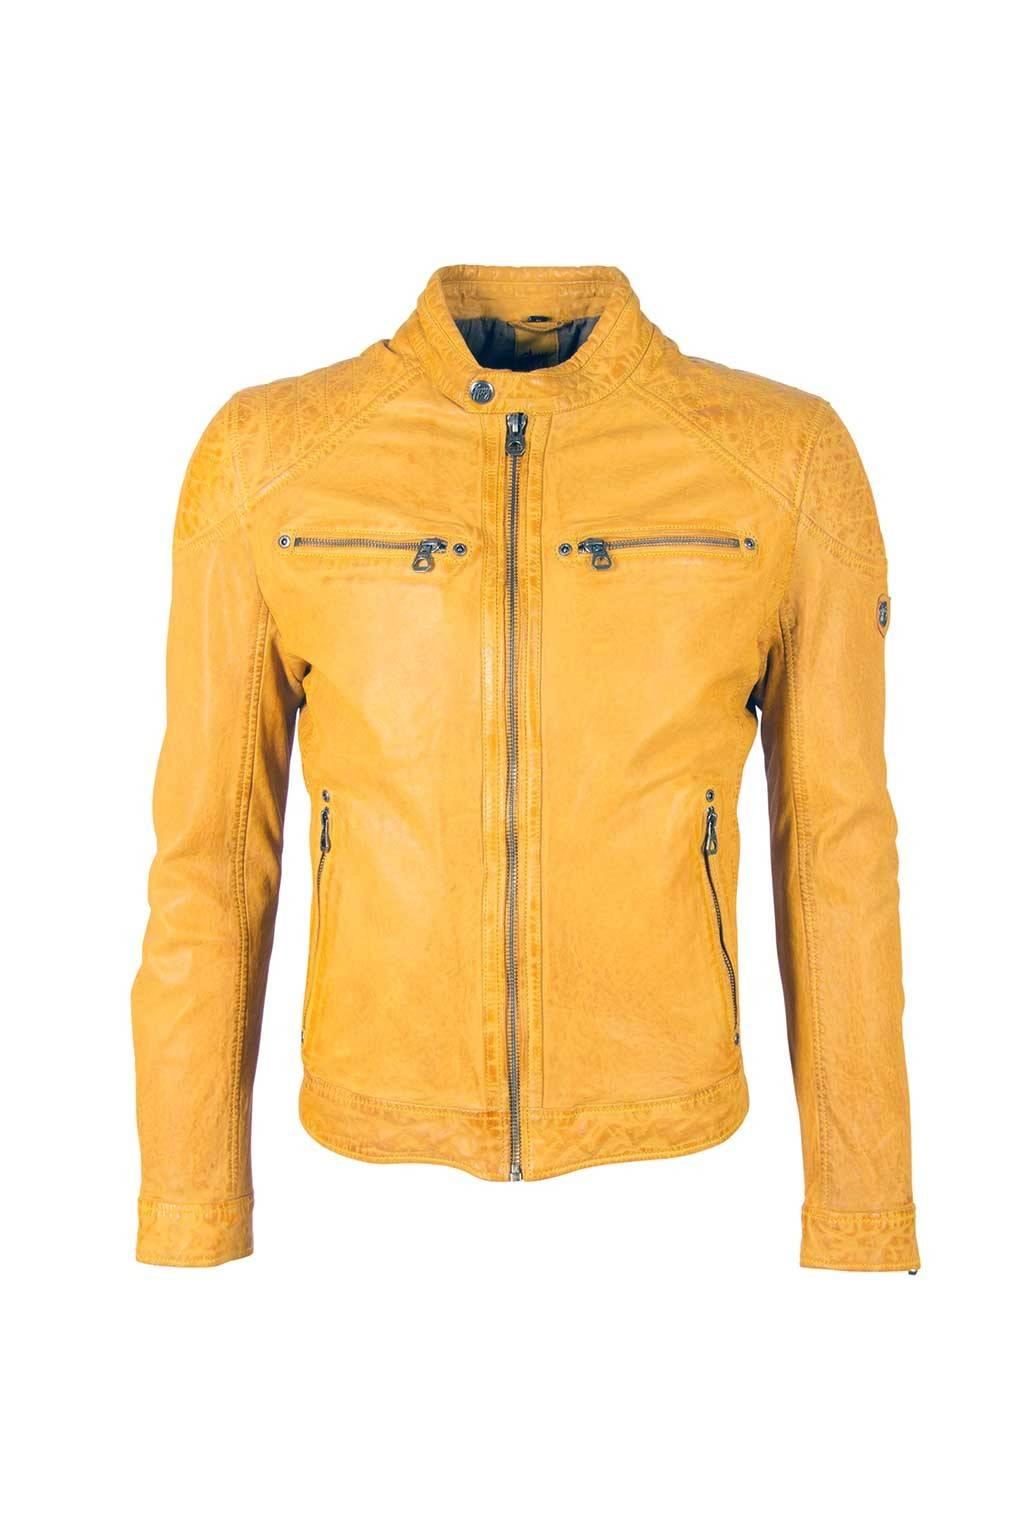 Gipsy boy Gorey yellow Lagav jacket